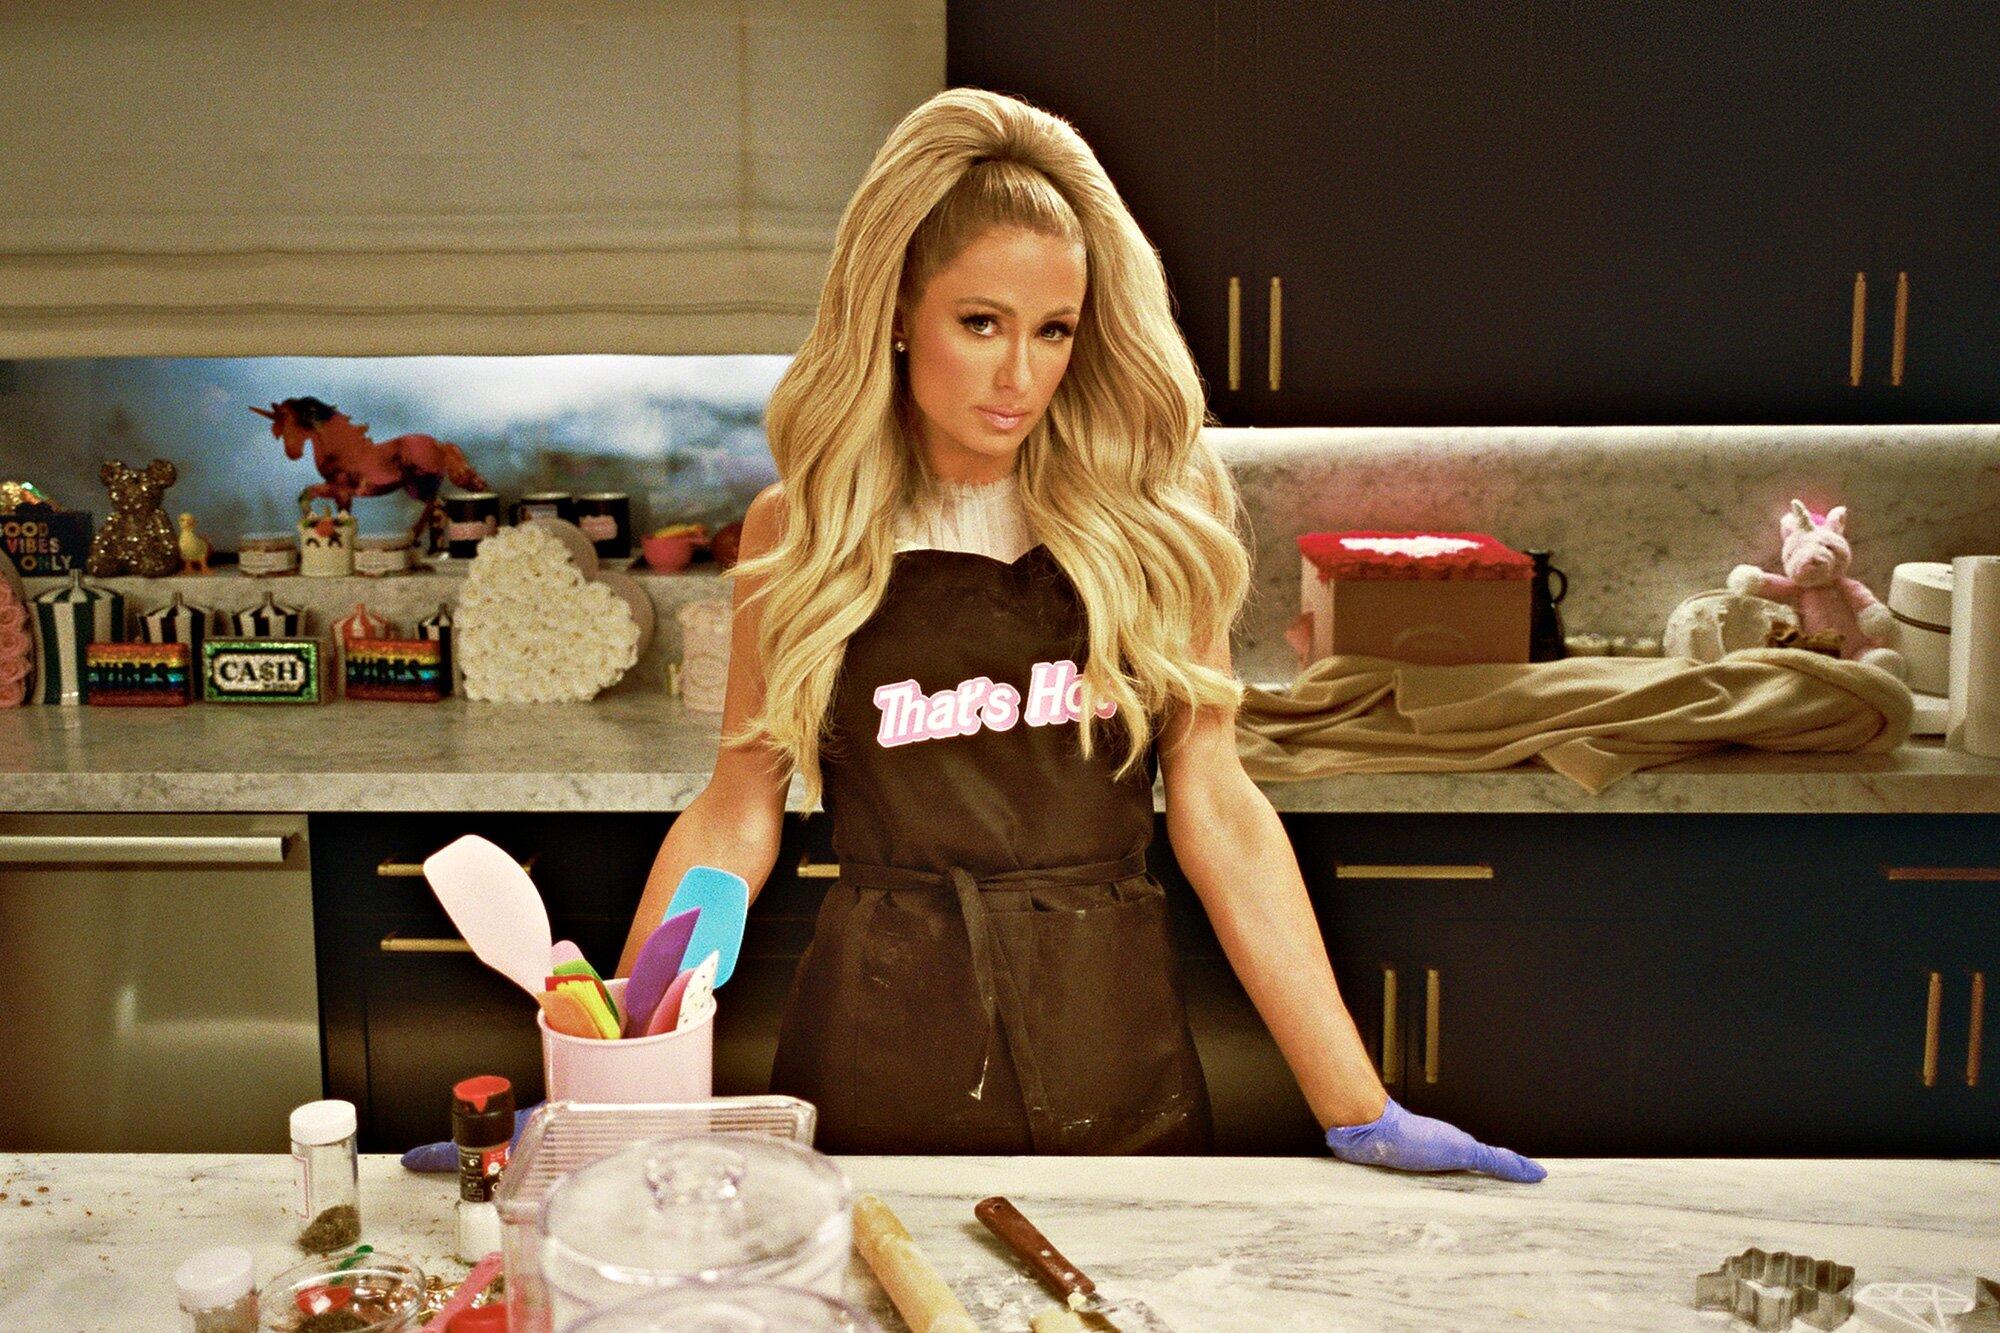 Paris Hilton bjuder över kändisar för att laga mat. Det går sådär.